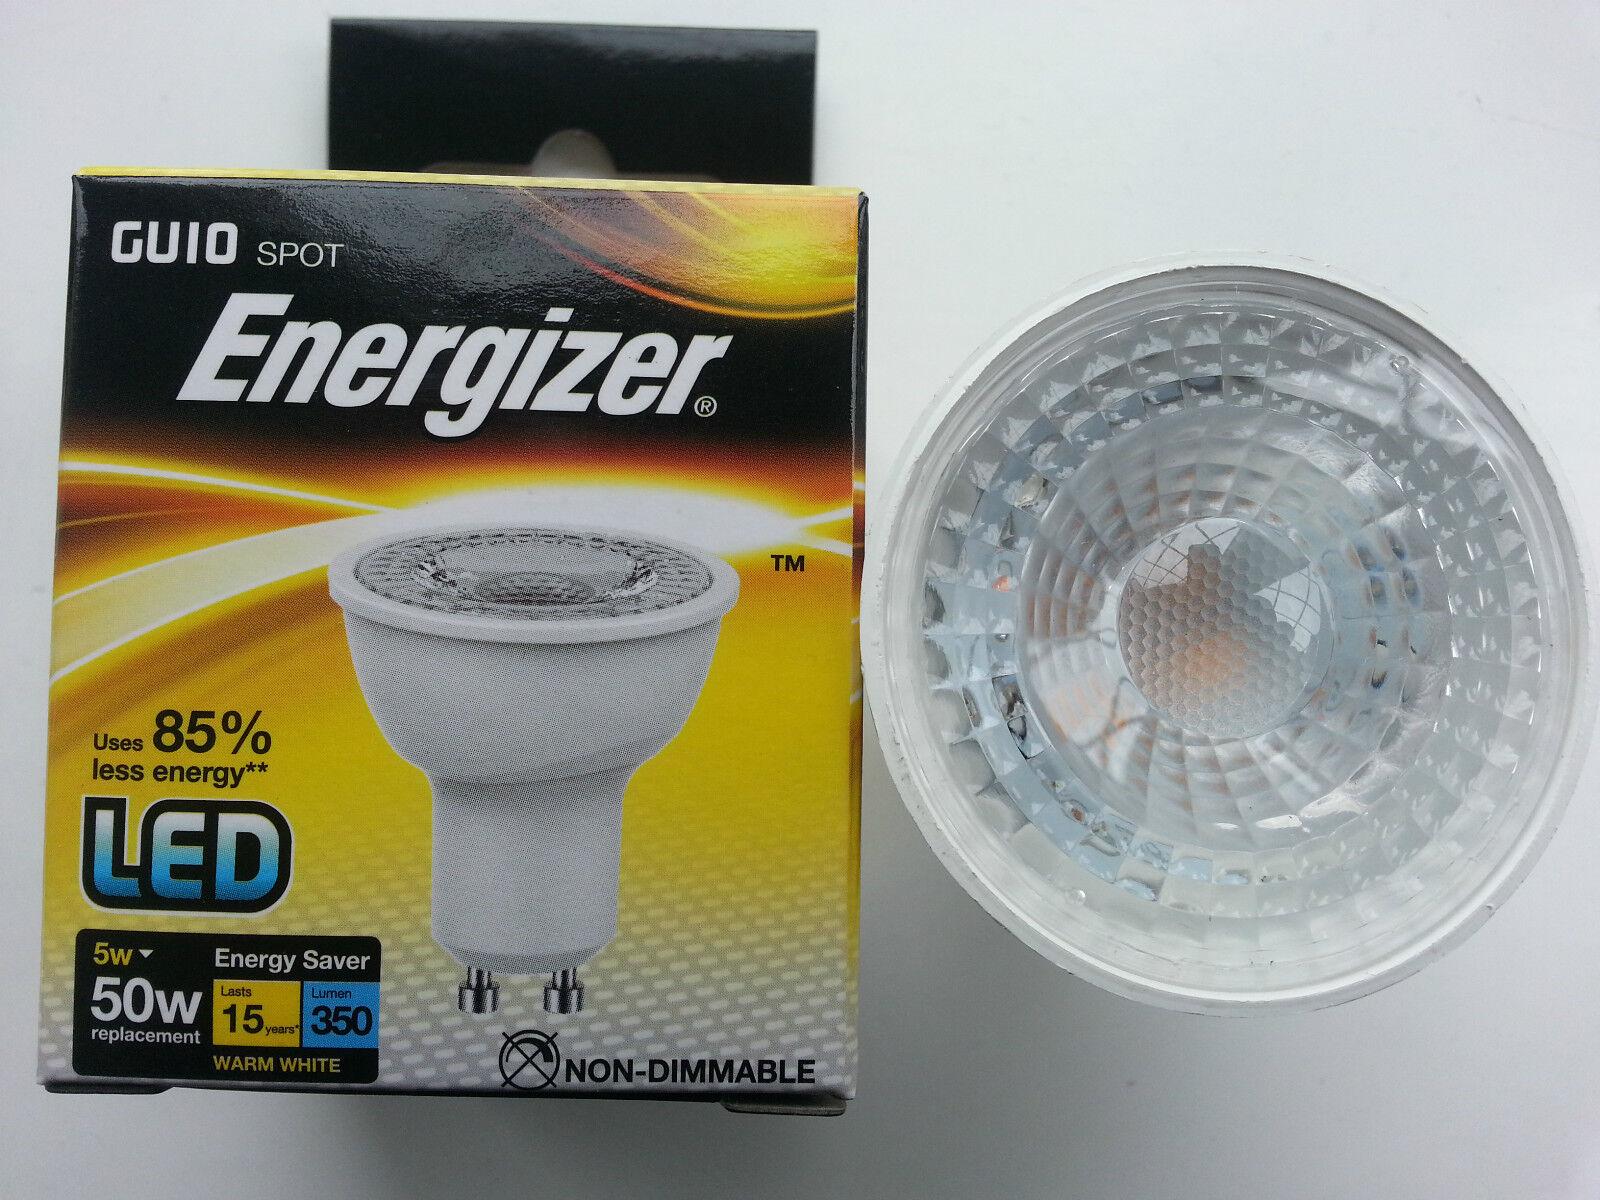 24 24 24 x Energizer LED GU10 5 W = 50 W Lampadine bianco caldo.  a  Non Dimmerabile Risparmio Energetico f3f5af